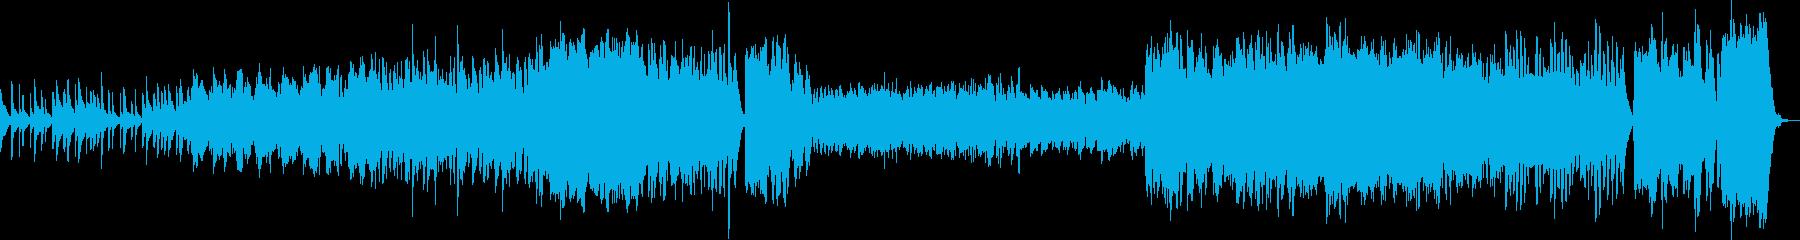 例の魔法魔術学校っぽい曲(ワルツ)の再生済みの波形